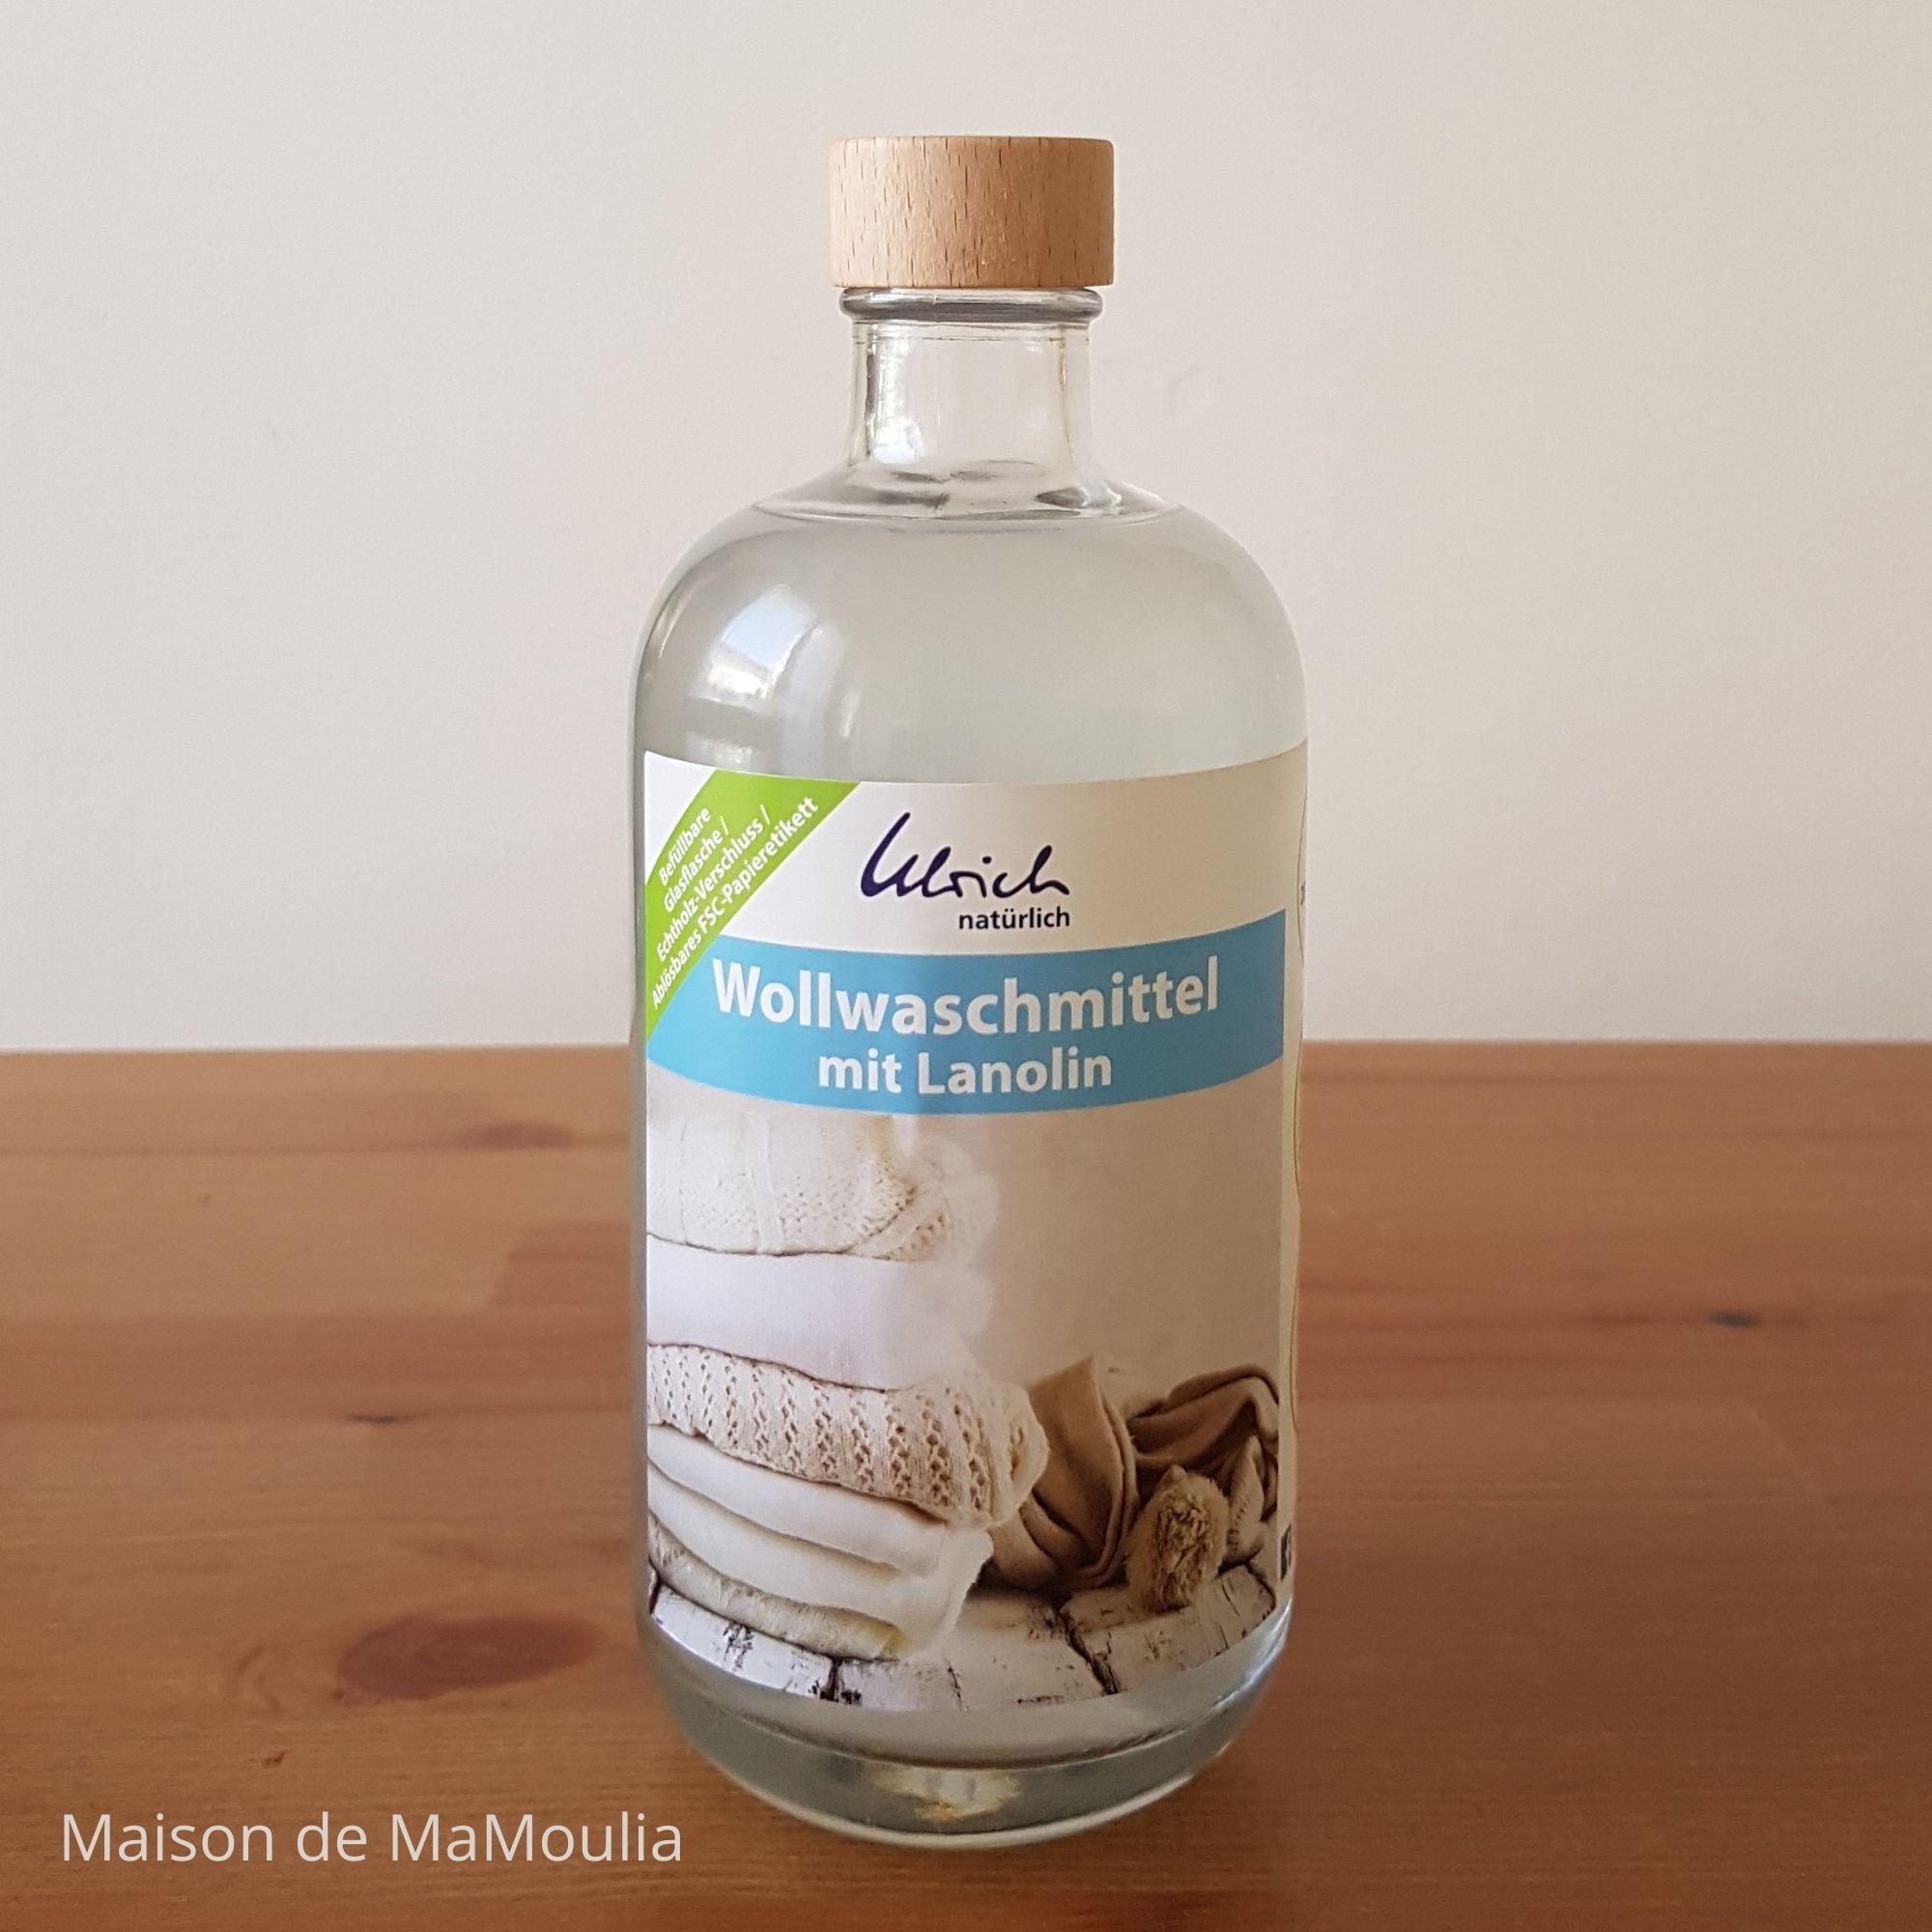 ULRICH - LESSIVE spéciale laine - avec lanoline, 500 ml - Verre